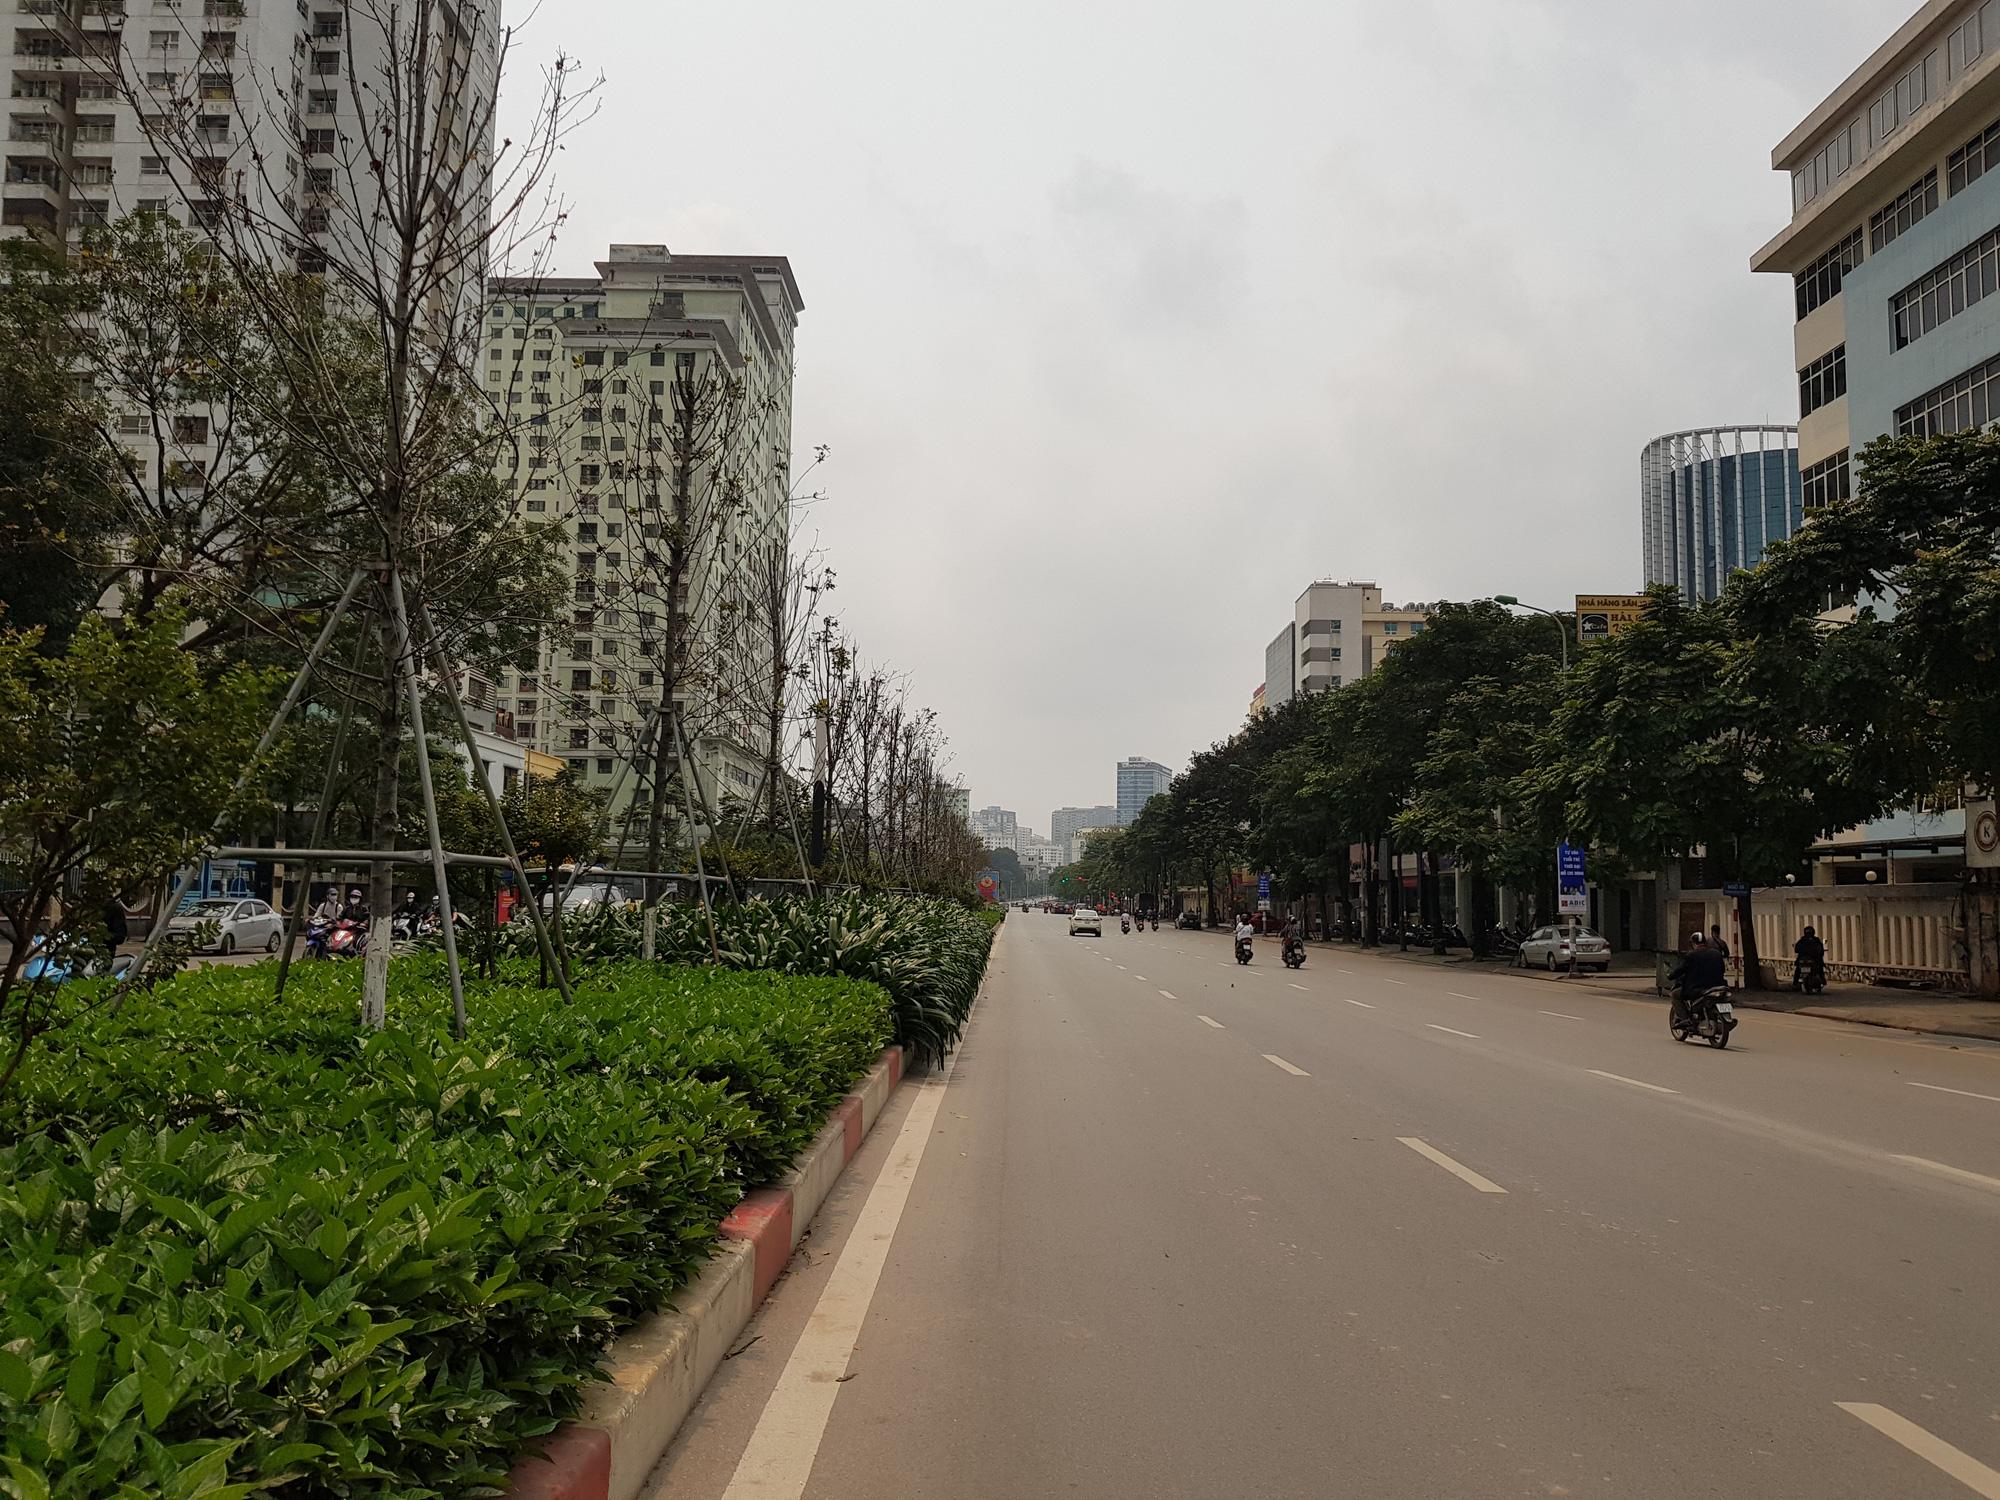 Sau lệnh tạm thời đóng cửa, nhiều đường phố Hà Nội thông thoáng như ngày Tết - Ảnh 9.